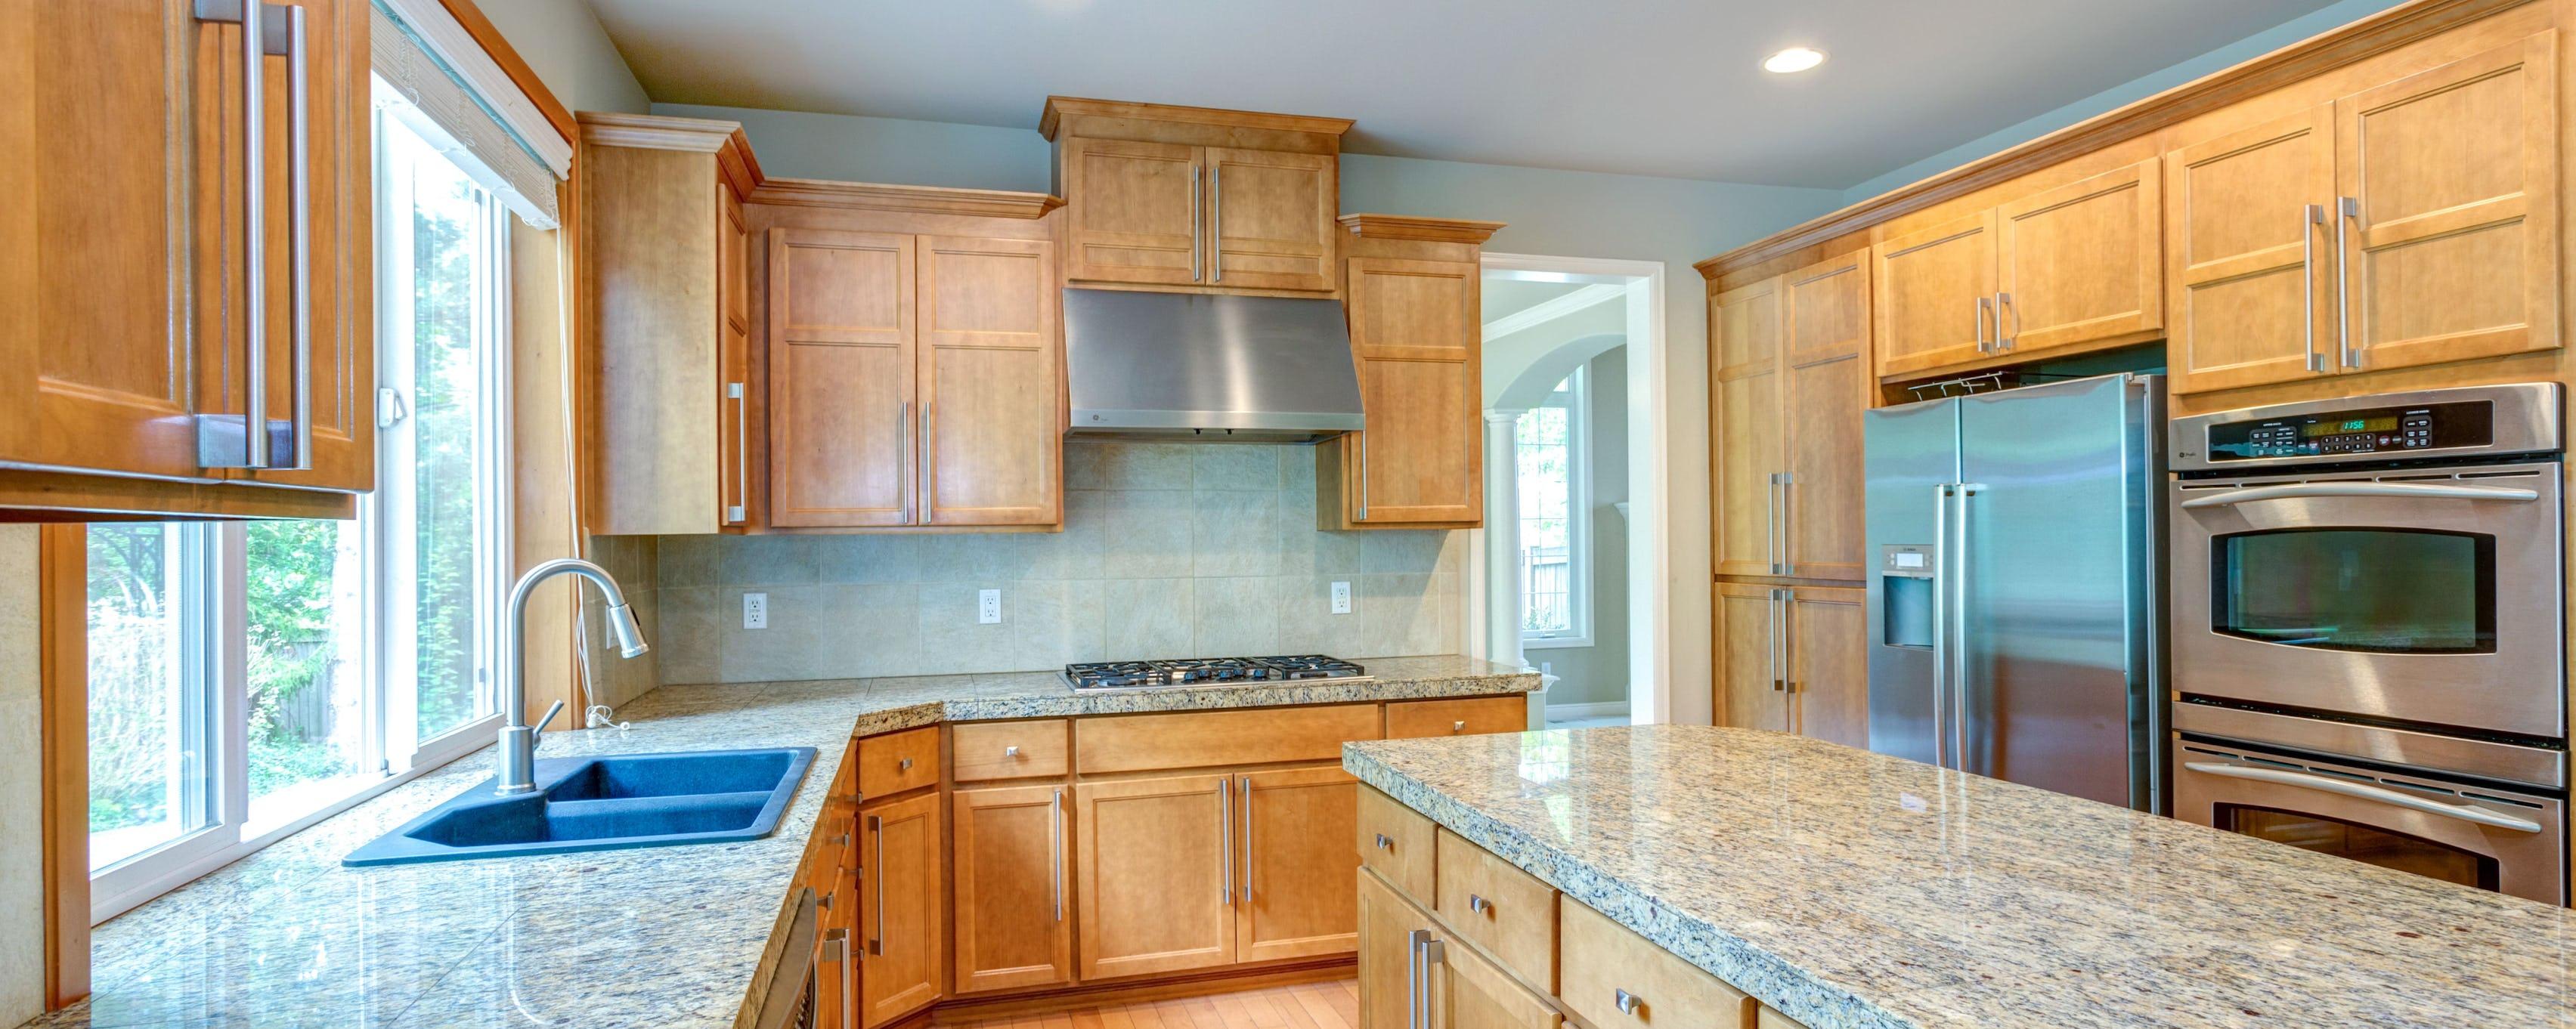 Repeindre Meuble Cuisine Rustique conseils rénovation pour une cuisine en chêne